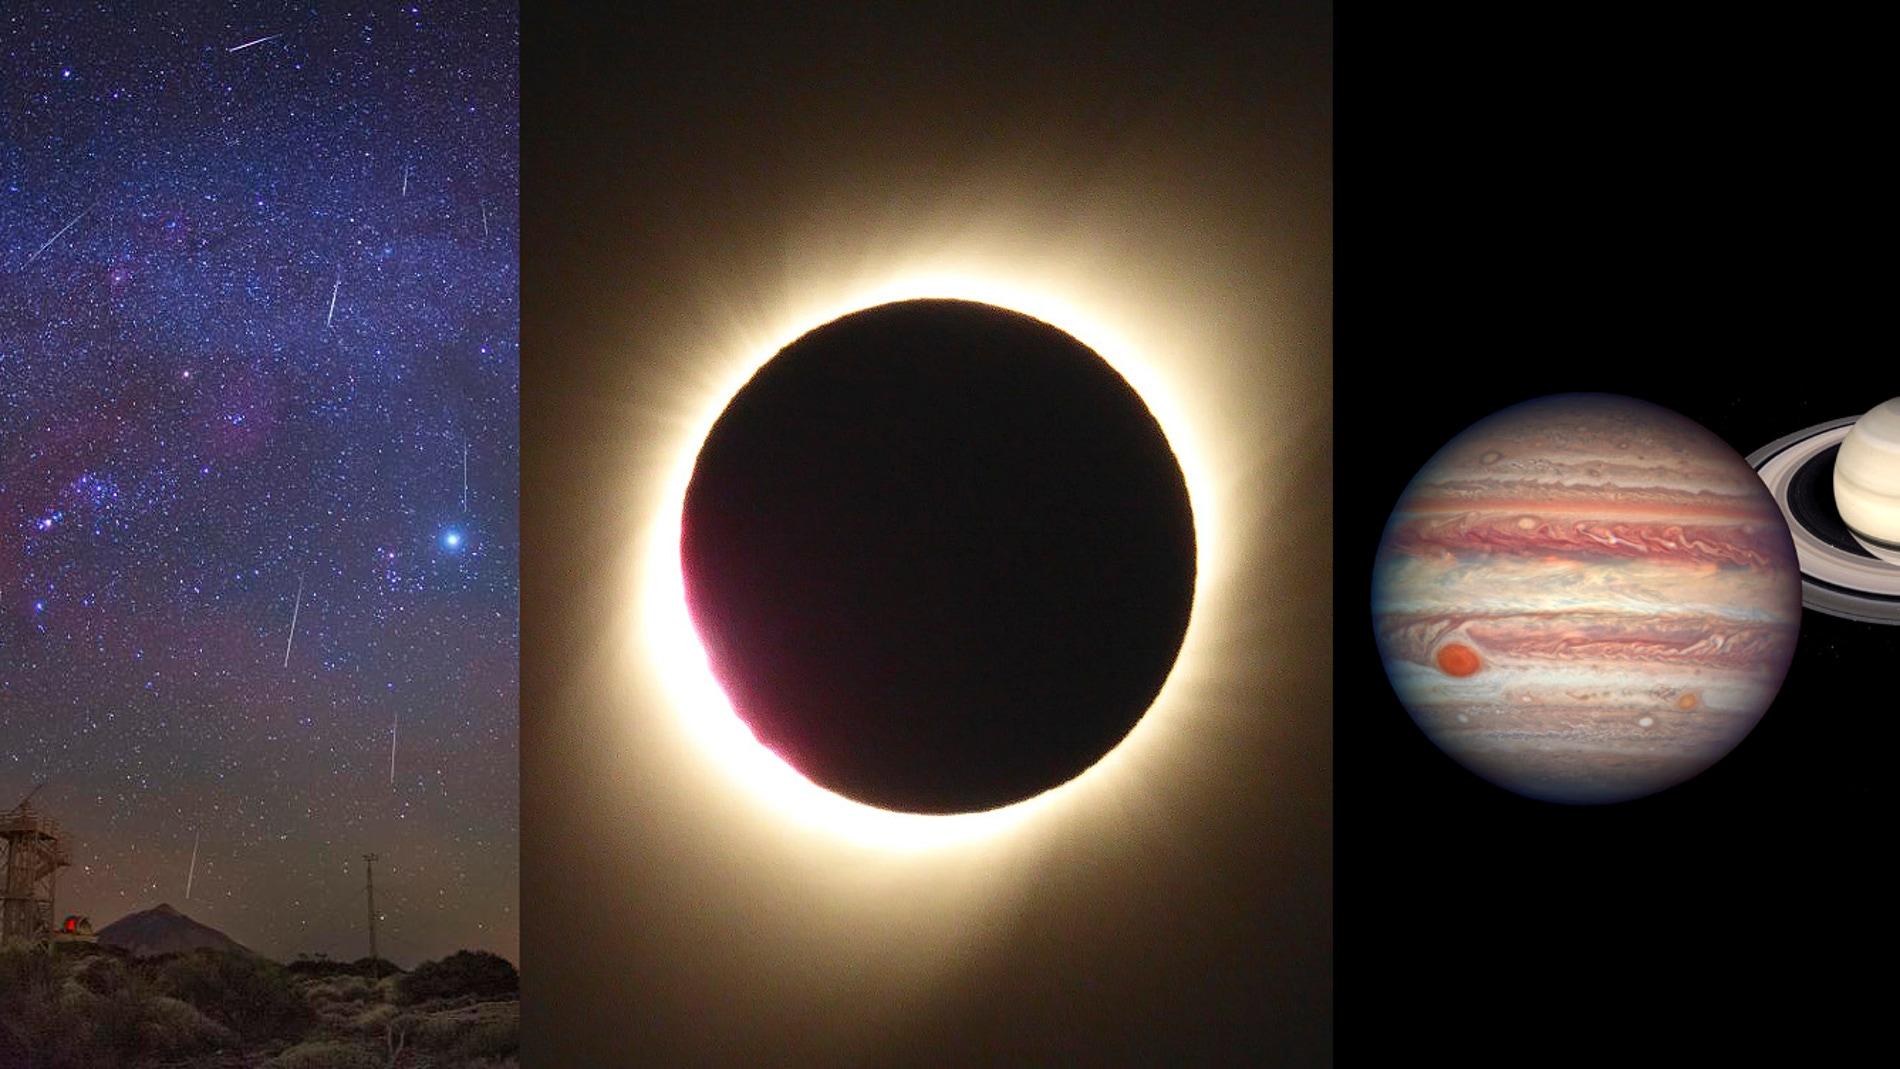 Un diciembre con geminidas eclipse solar y superconjuncion de planetas